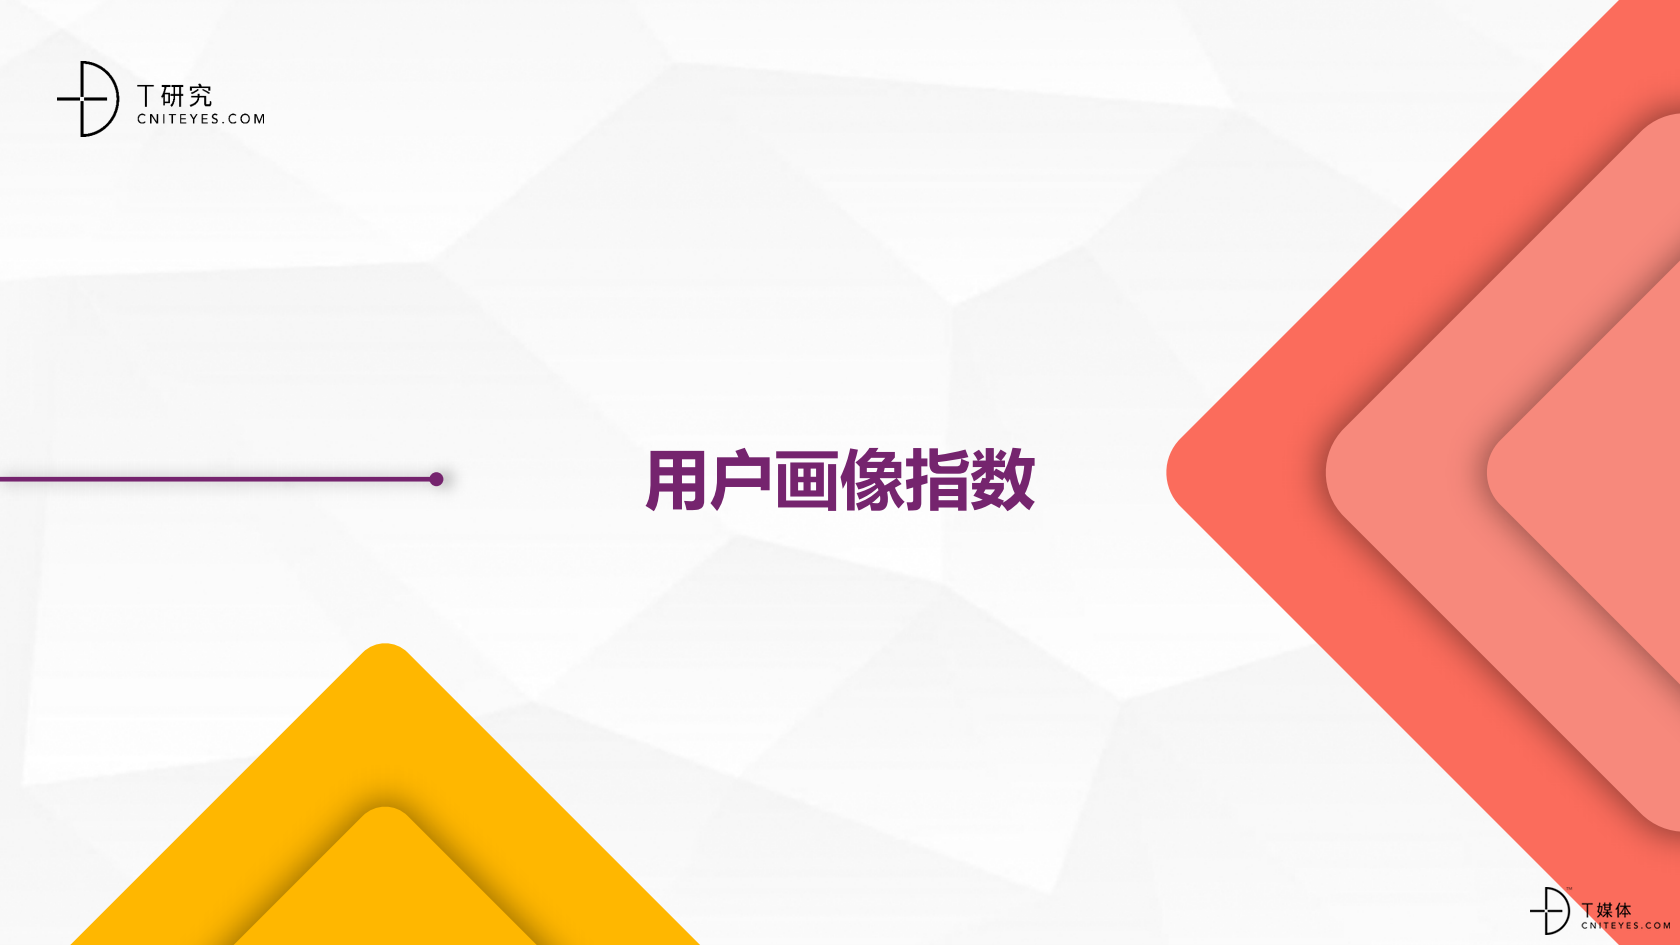 2_2020中国CRM指数测评报告v1.5_12.png